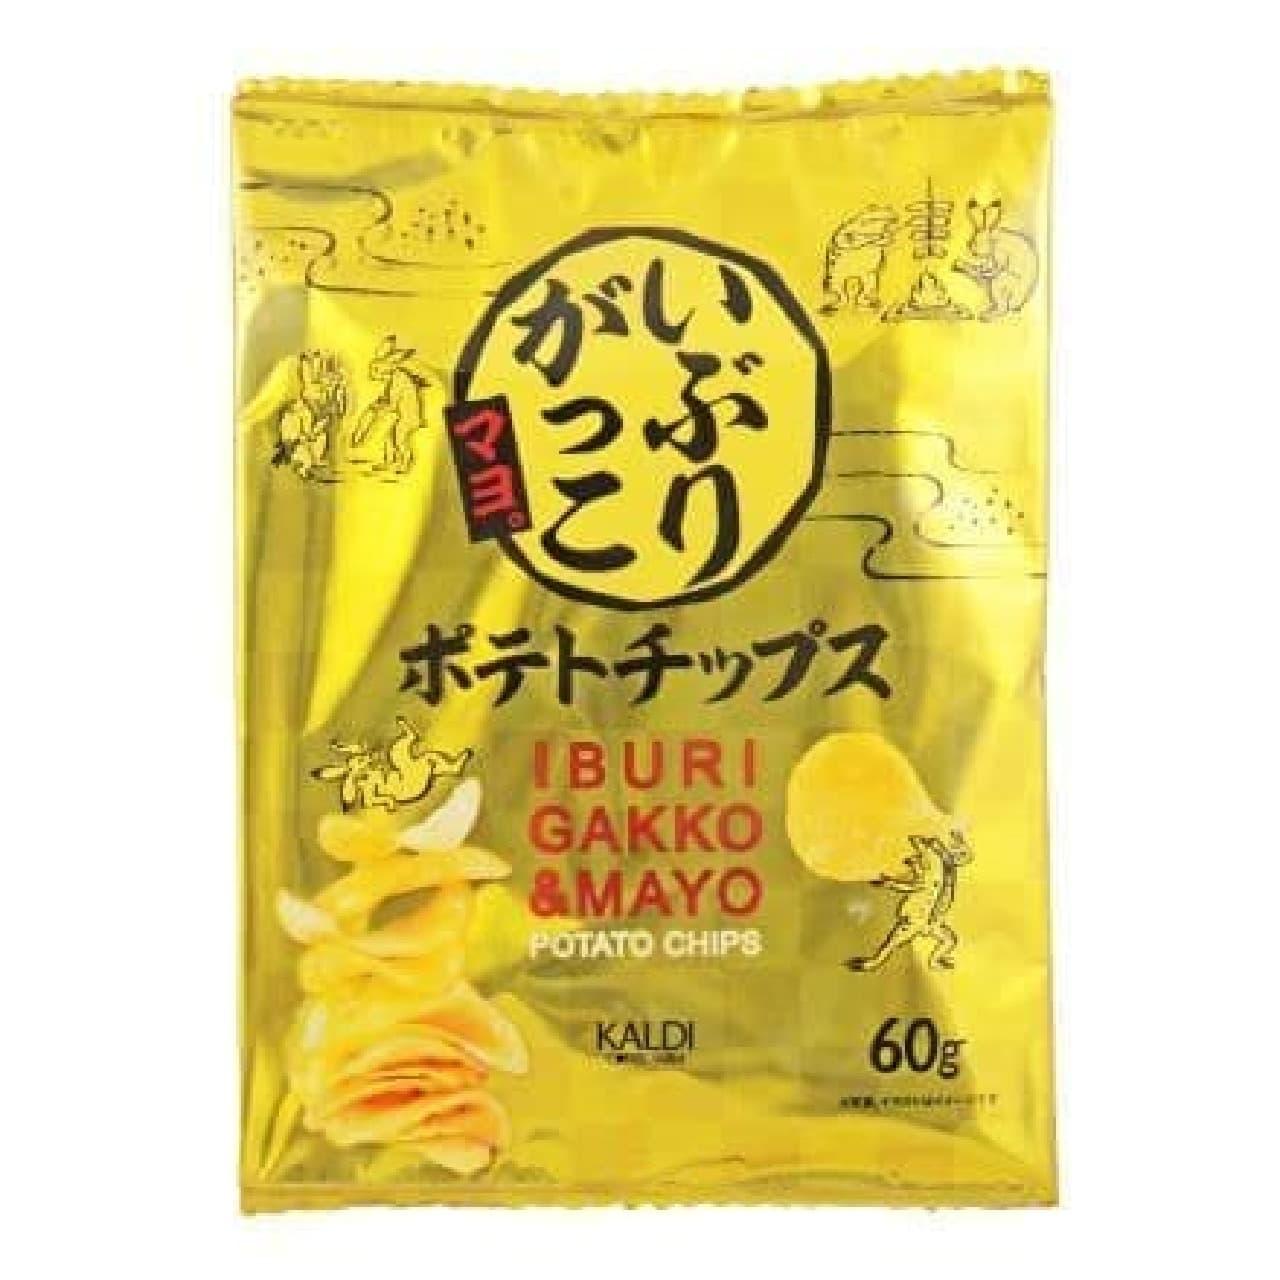 「オリジナル いぶりがっこマヨ。ポテトチップス」は、秋田の名物「いぶりがっこ」にマヨネーズを和えた味わいを再現したポテトチップス